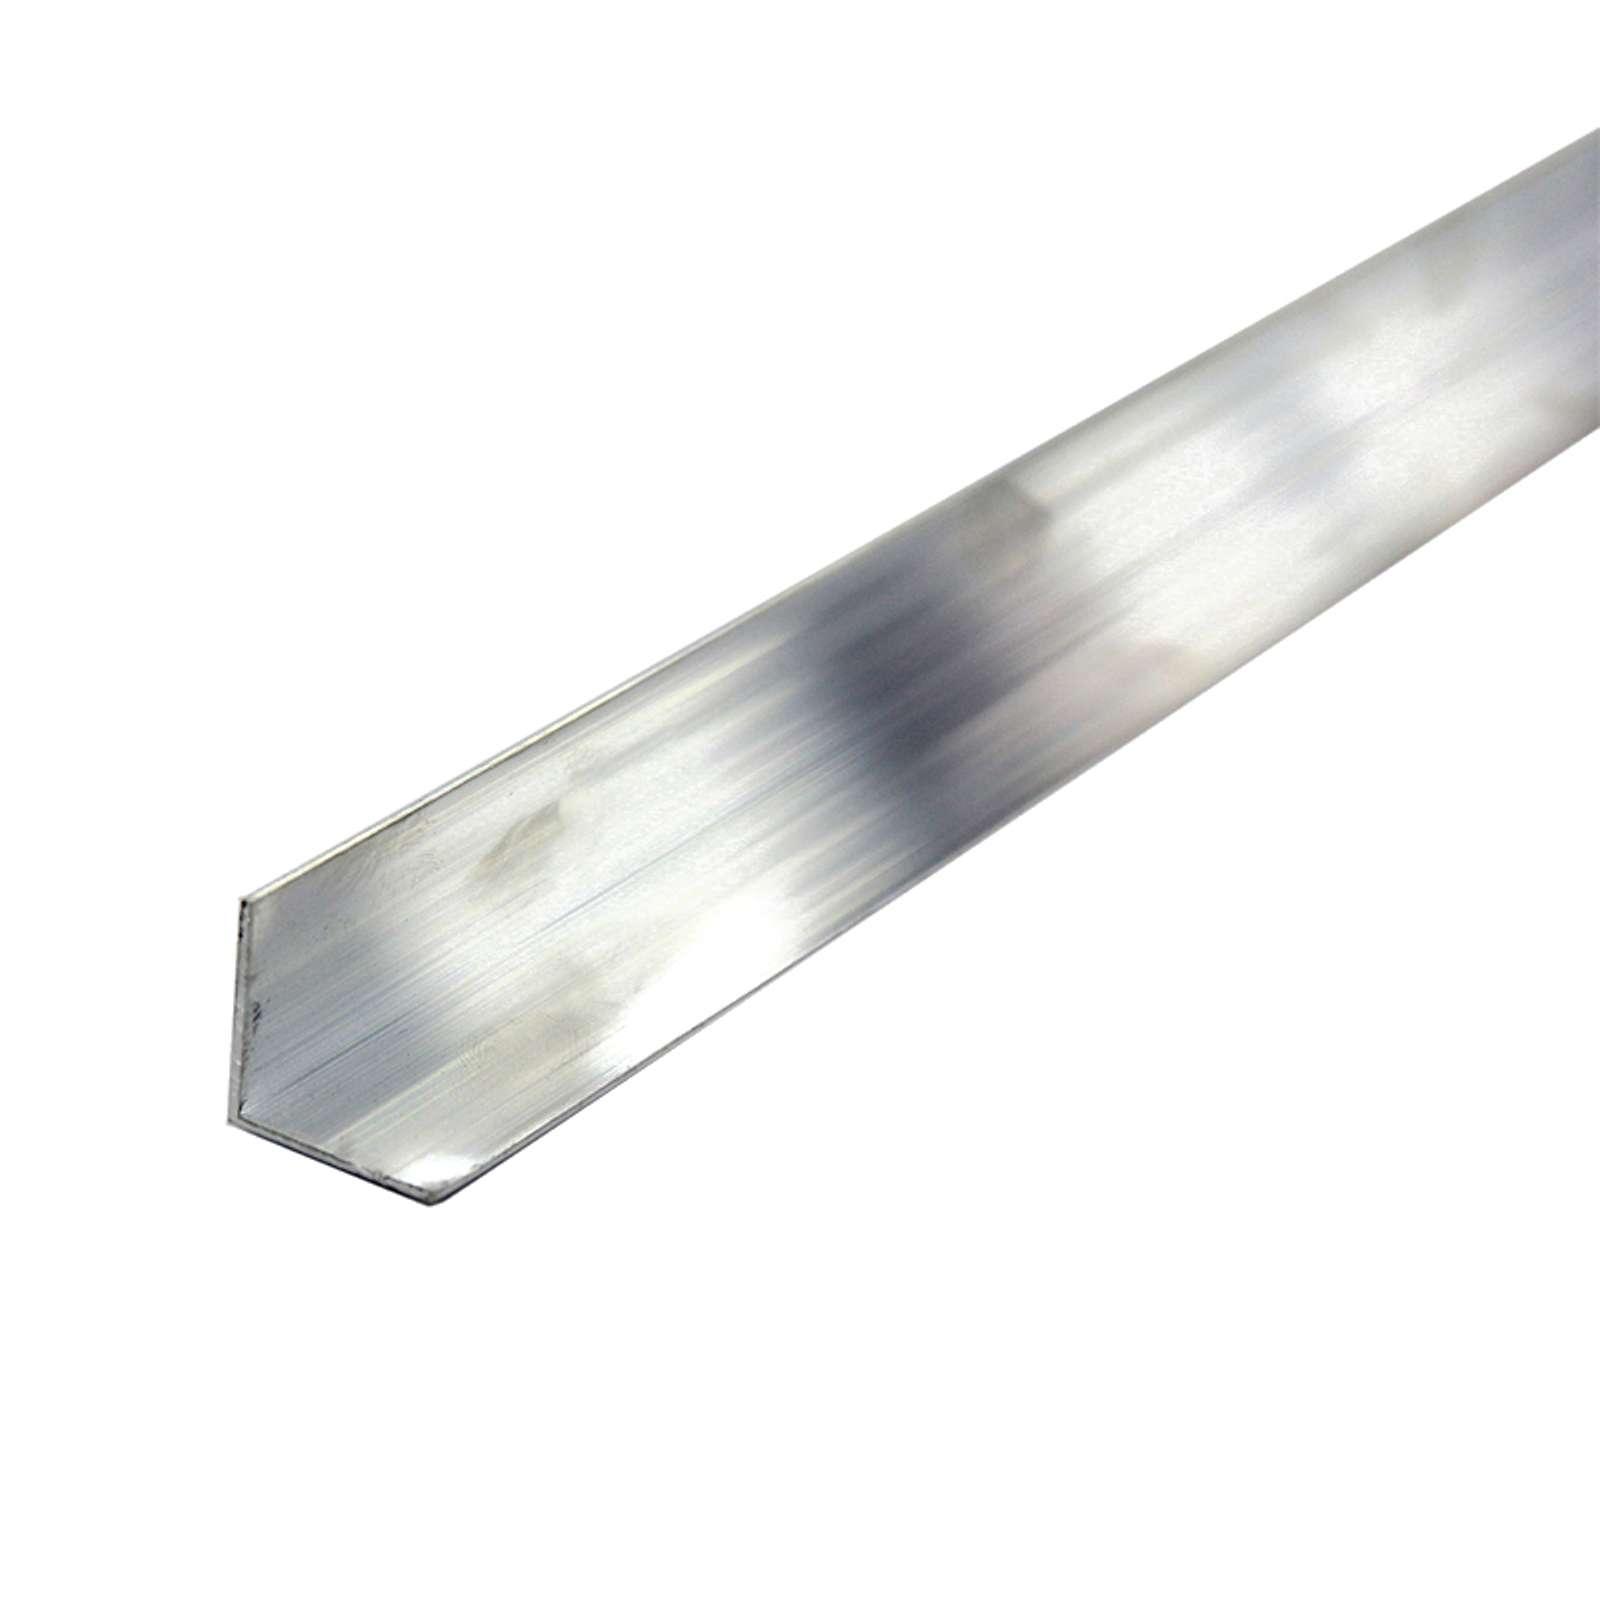 Уголок алюминиевый равнополочный 30х30х1,5 мм, 2 м